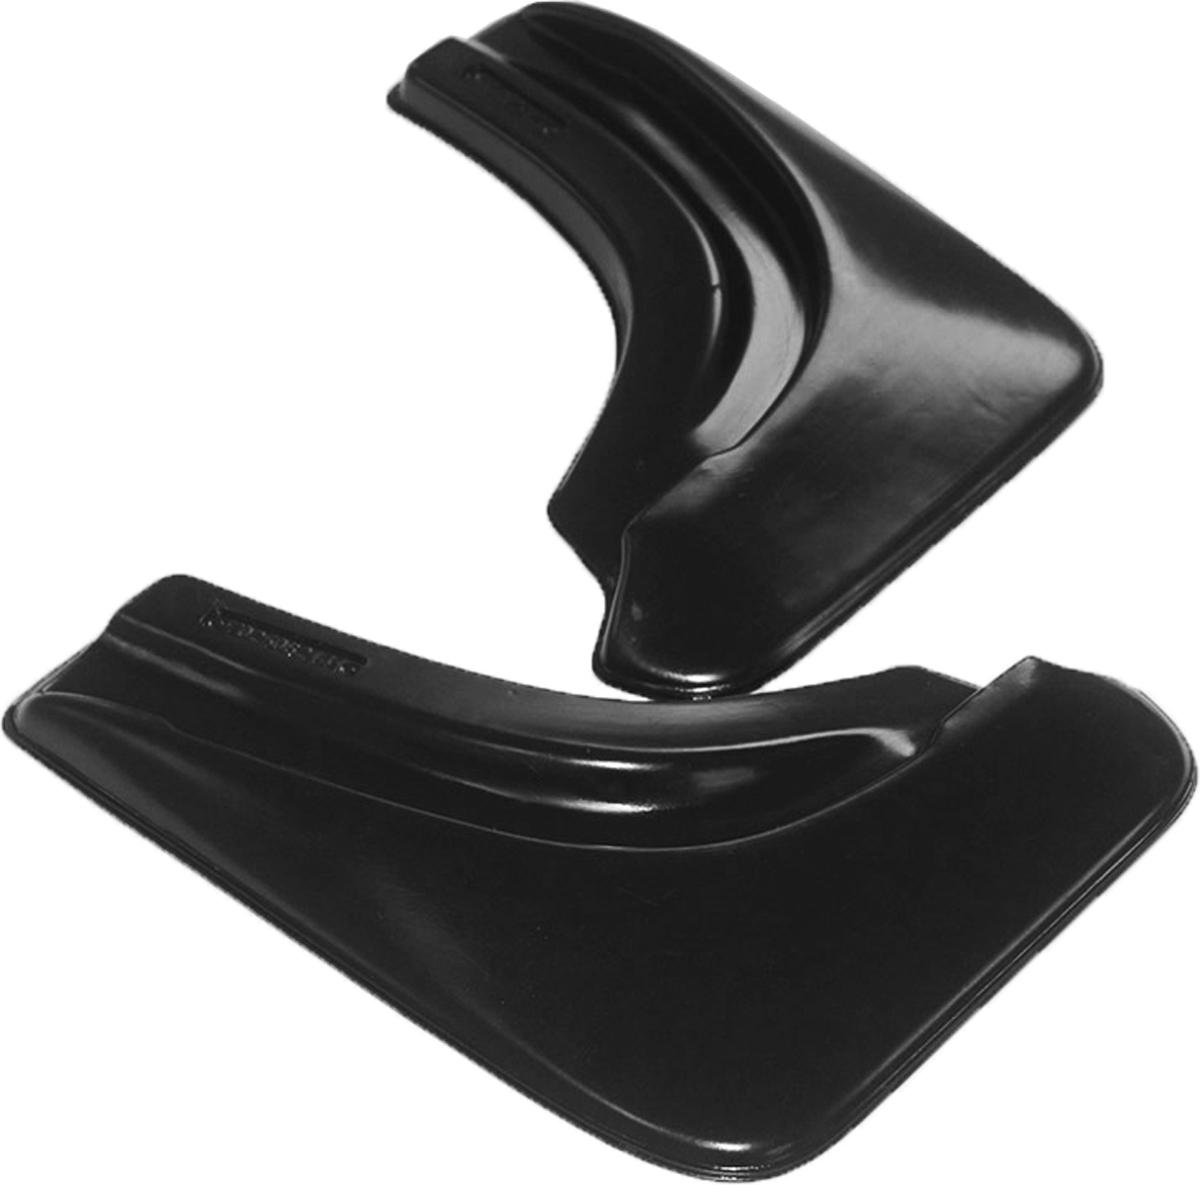 Комплект задних брызговиков L.Locker, для Geely GX7 (13-)7025062161Брызговики L.Locker изготовлены из высококачественного полиуретана. Уникальный состав брызговиков допускает их эксплуатацию в широком диапазоне температур: от -50°С до +80°С. Эффективно защищают кузов автомобиля от грязи и воды - формируют аэродинамический поток воздуха, создаваемый при движении вокруг кузова таким образом, чтобы максимально уменьшить образование грязевой измороси, оседающей на автомобиле. Разработаны индивидуально для каждой модели автомобиля, с эстетической точки зрения брызговики являются завершением колесной арки.